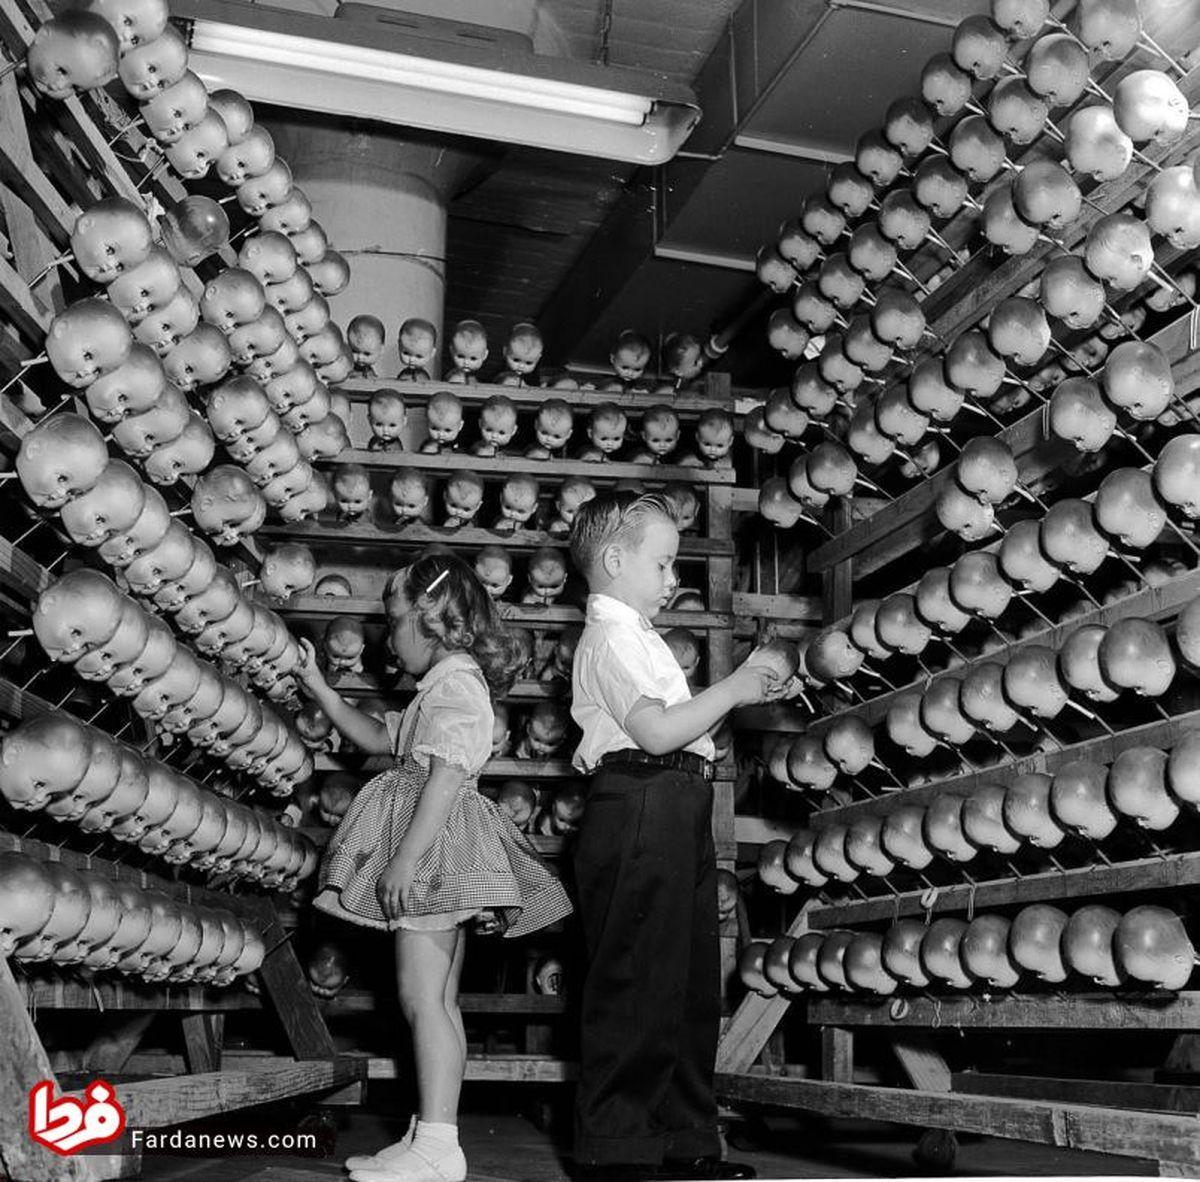 تصاویر دیده نشده: کارخانجات عروسکسازی در ۷۰ سال پیش